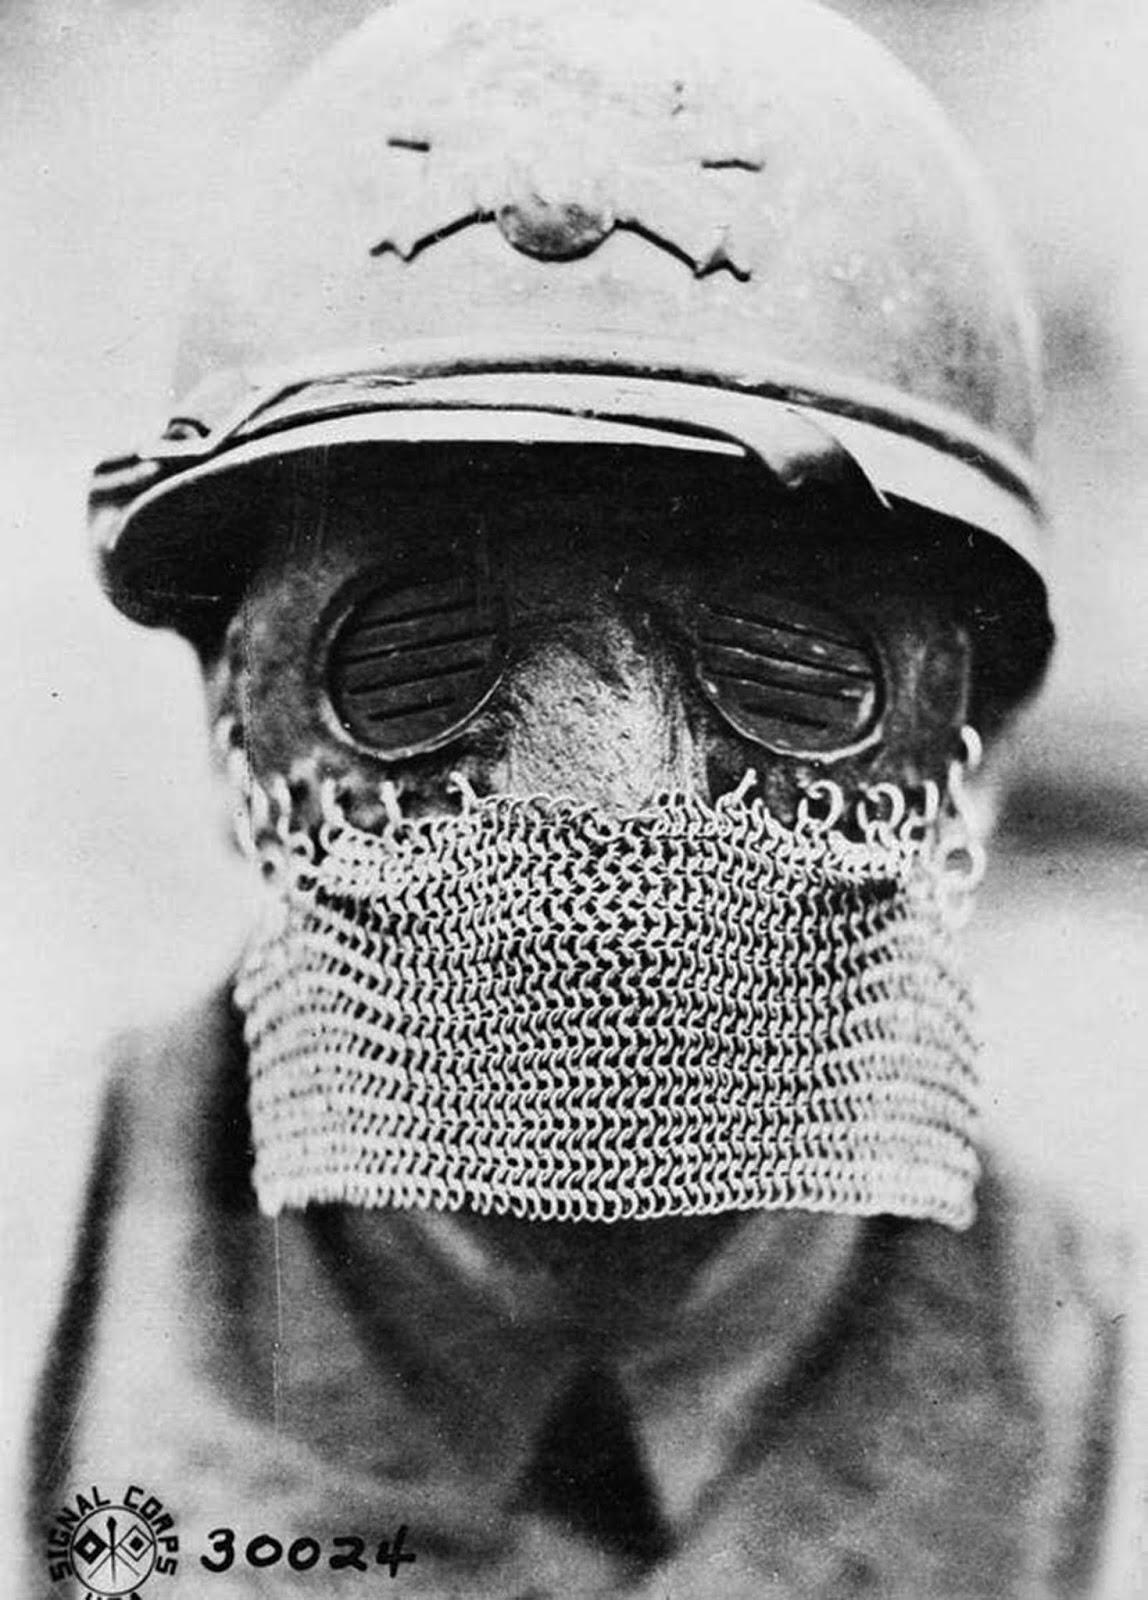 Máscara de salpicaduras para tripulaciones de tanques, 12 de octubre de 1918.